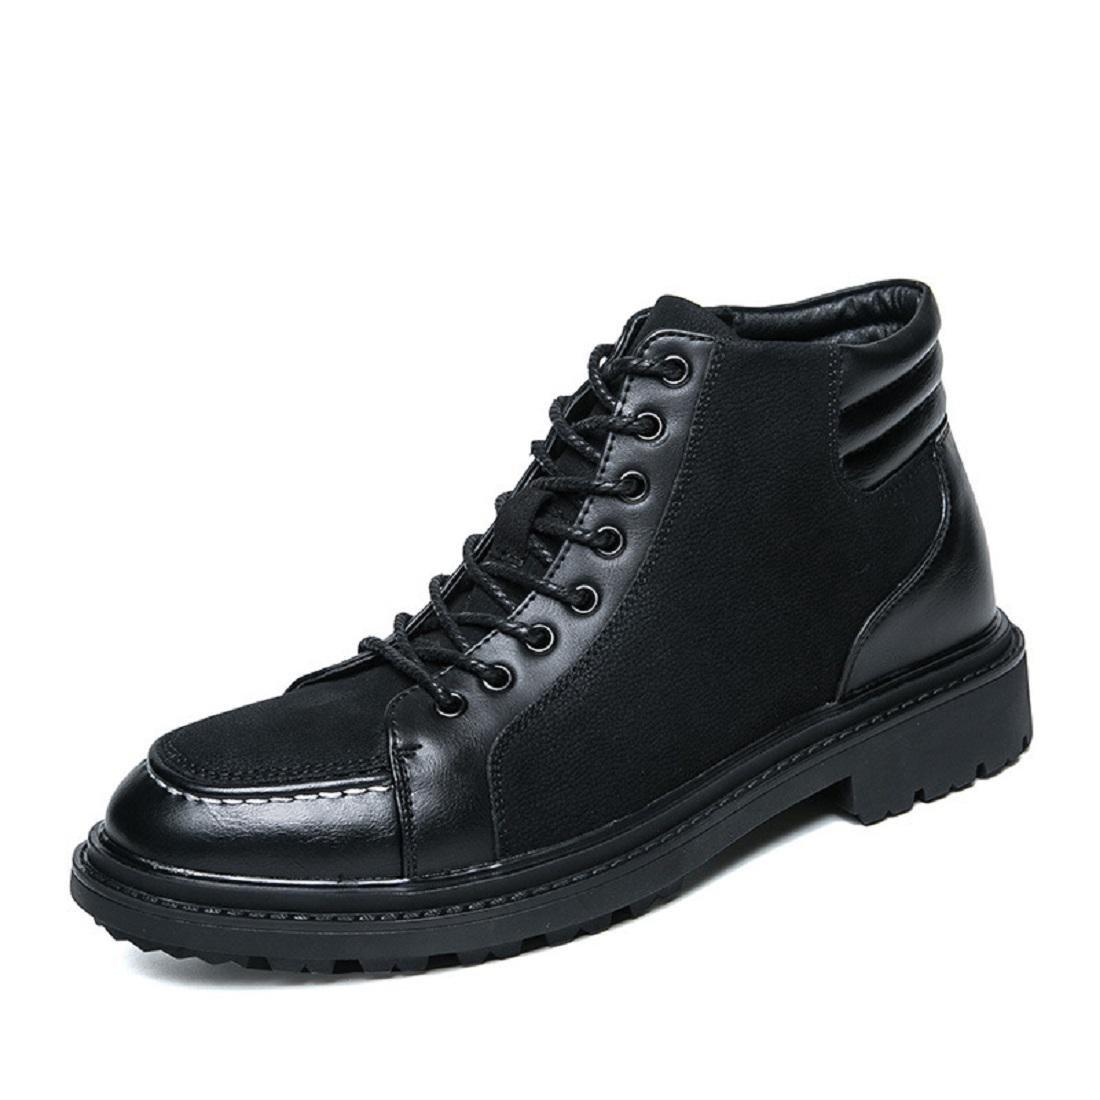 Herren Mode Freizeit Freizeit Freizeit Martin Stiefel Schutzfuß Lässige Schuhe Rutschfest Flache Schuhe Licht Warm halten Lederschuhe EUR GRÖSSE 38-44 cd8f65